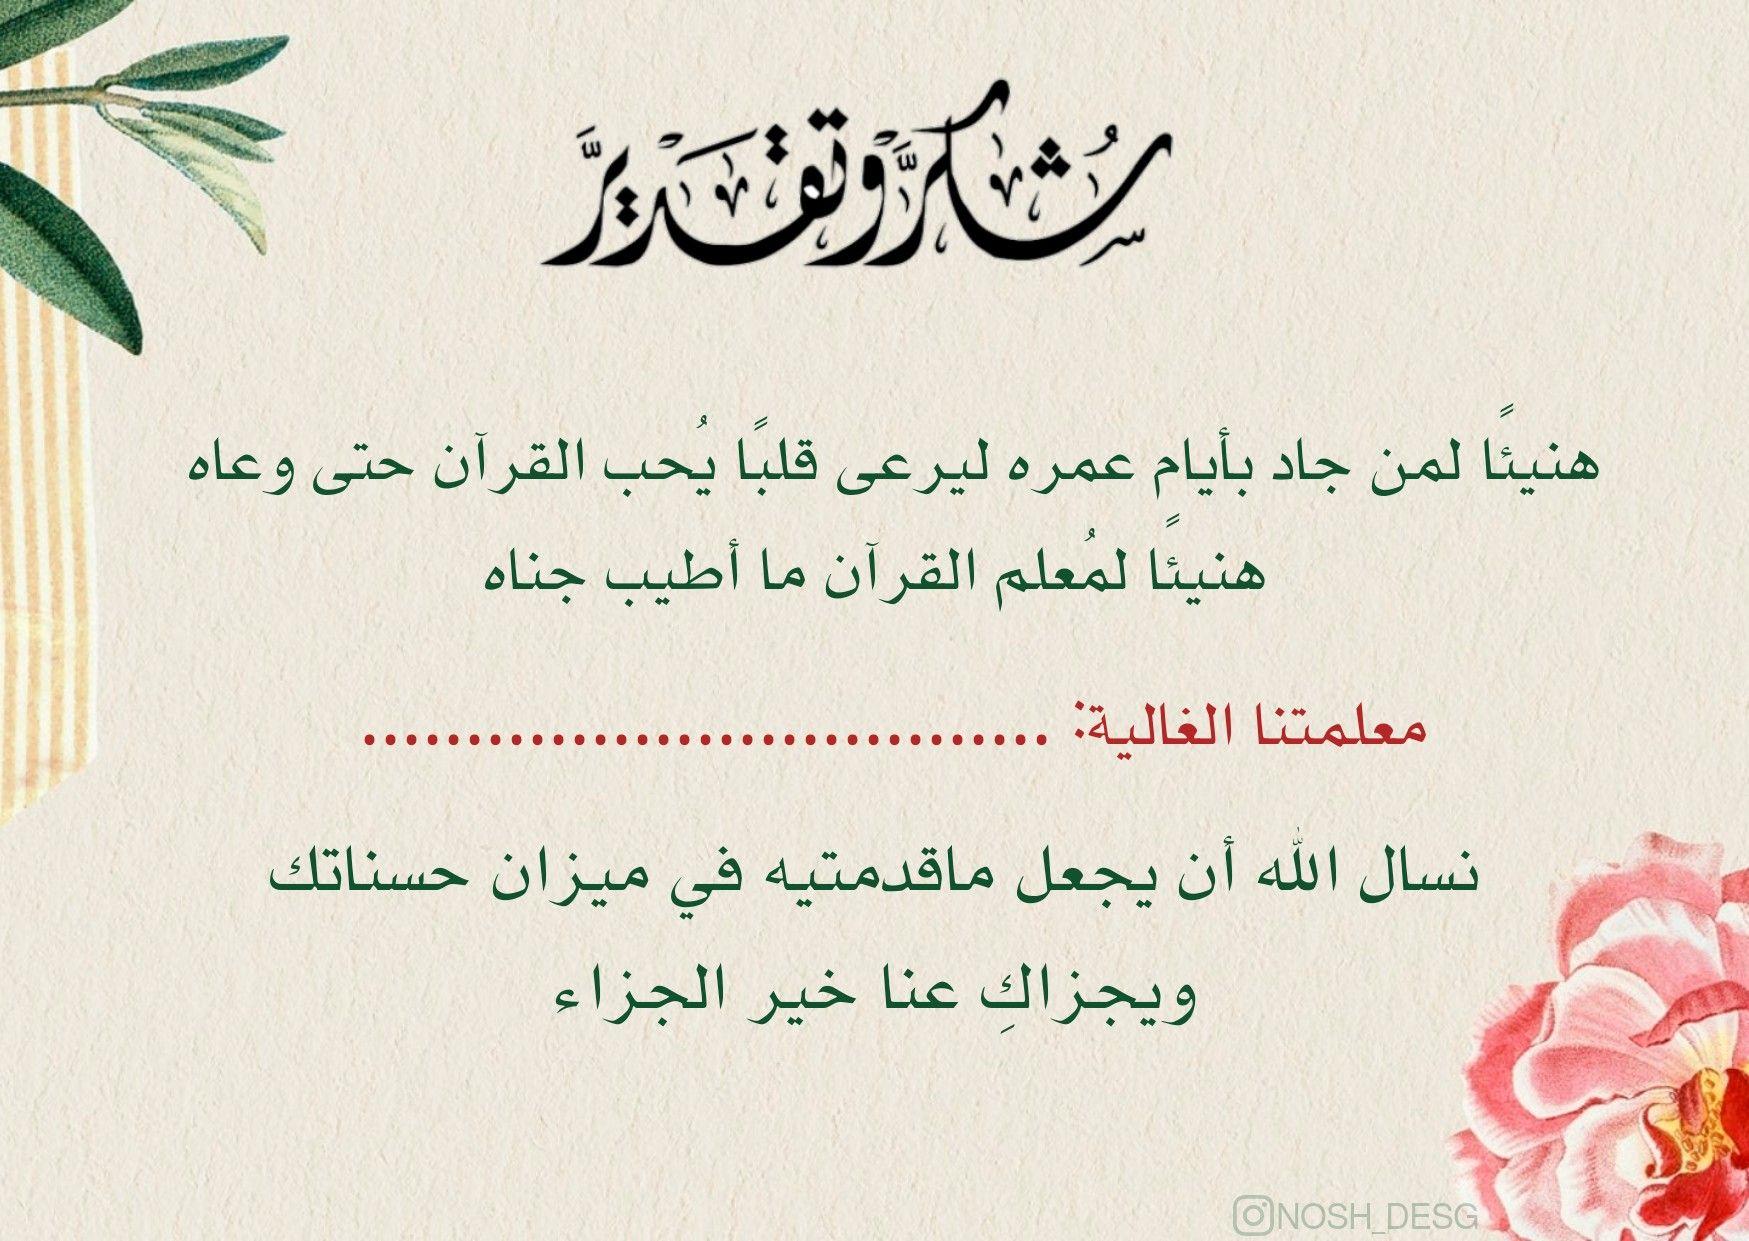 شهادة شكر للحلقات القرآنيه Place Card Holders Place Cards Cards